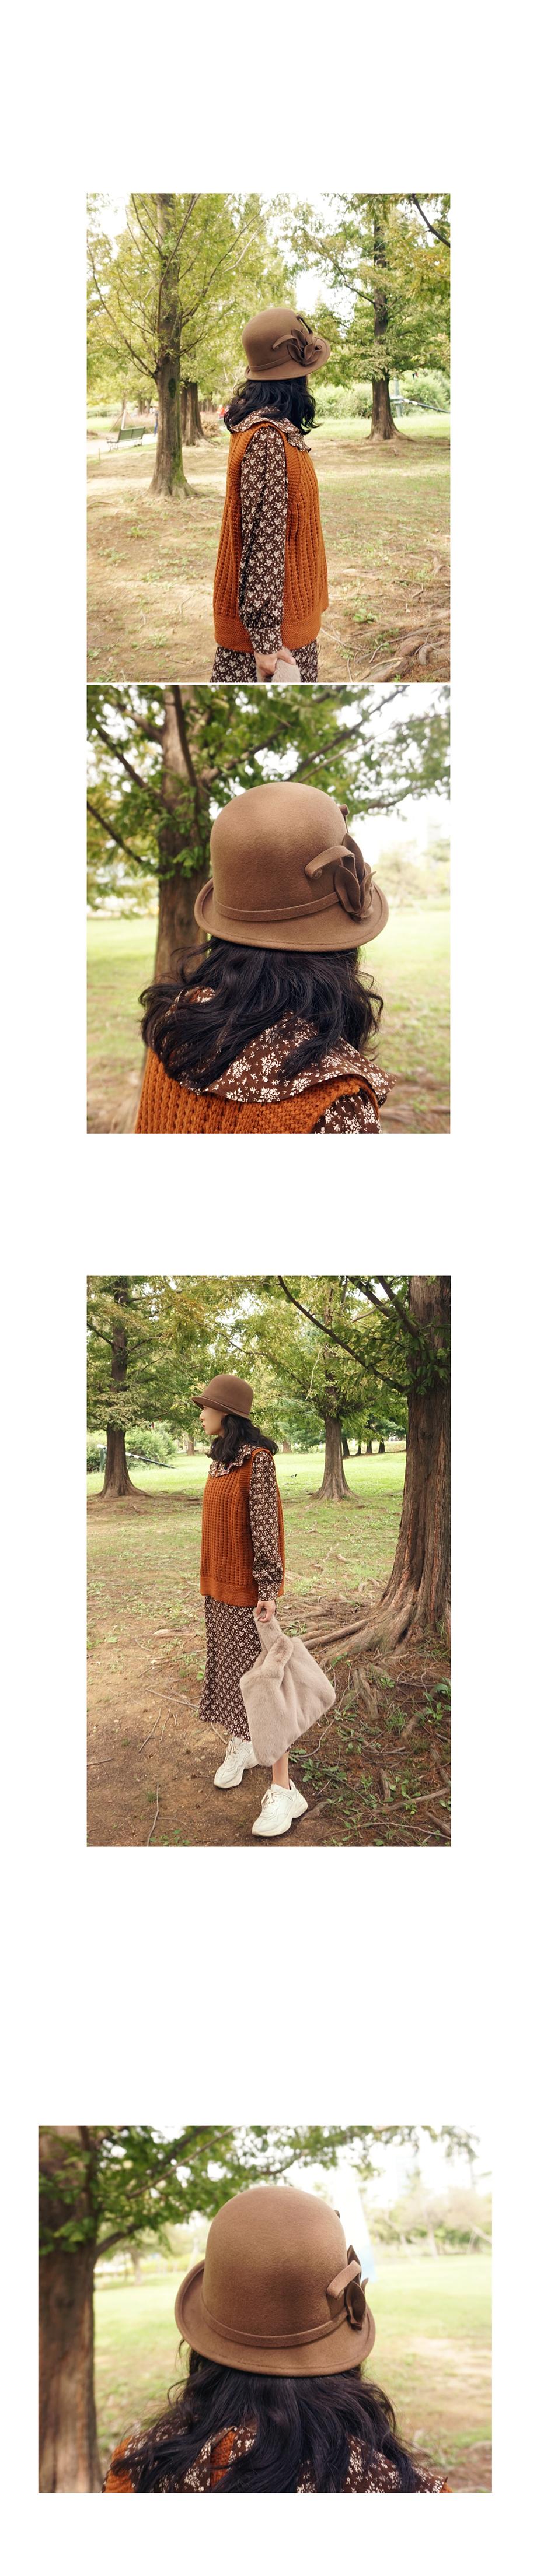 울100 퀄리티 입체나뭇잎 플로피 벙거지햇 - 앞머리, 49,900원, 모자, 버킷햇